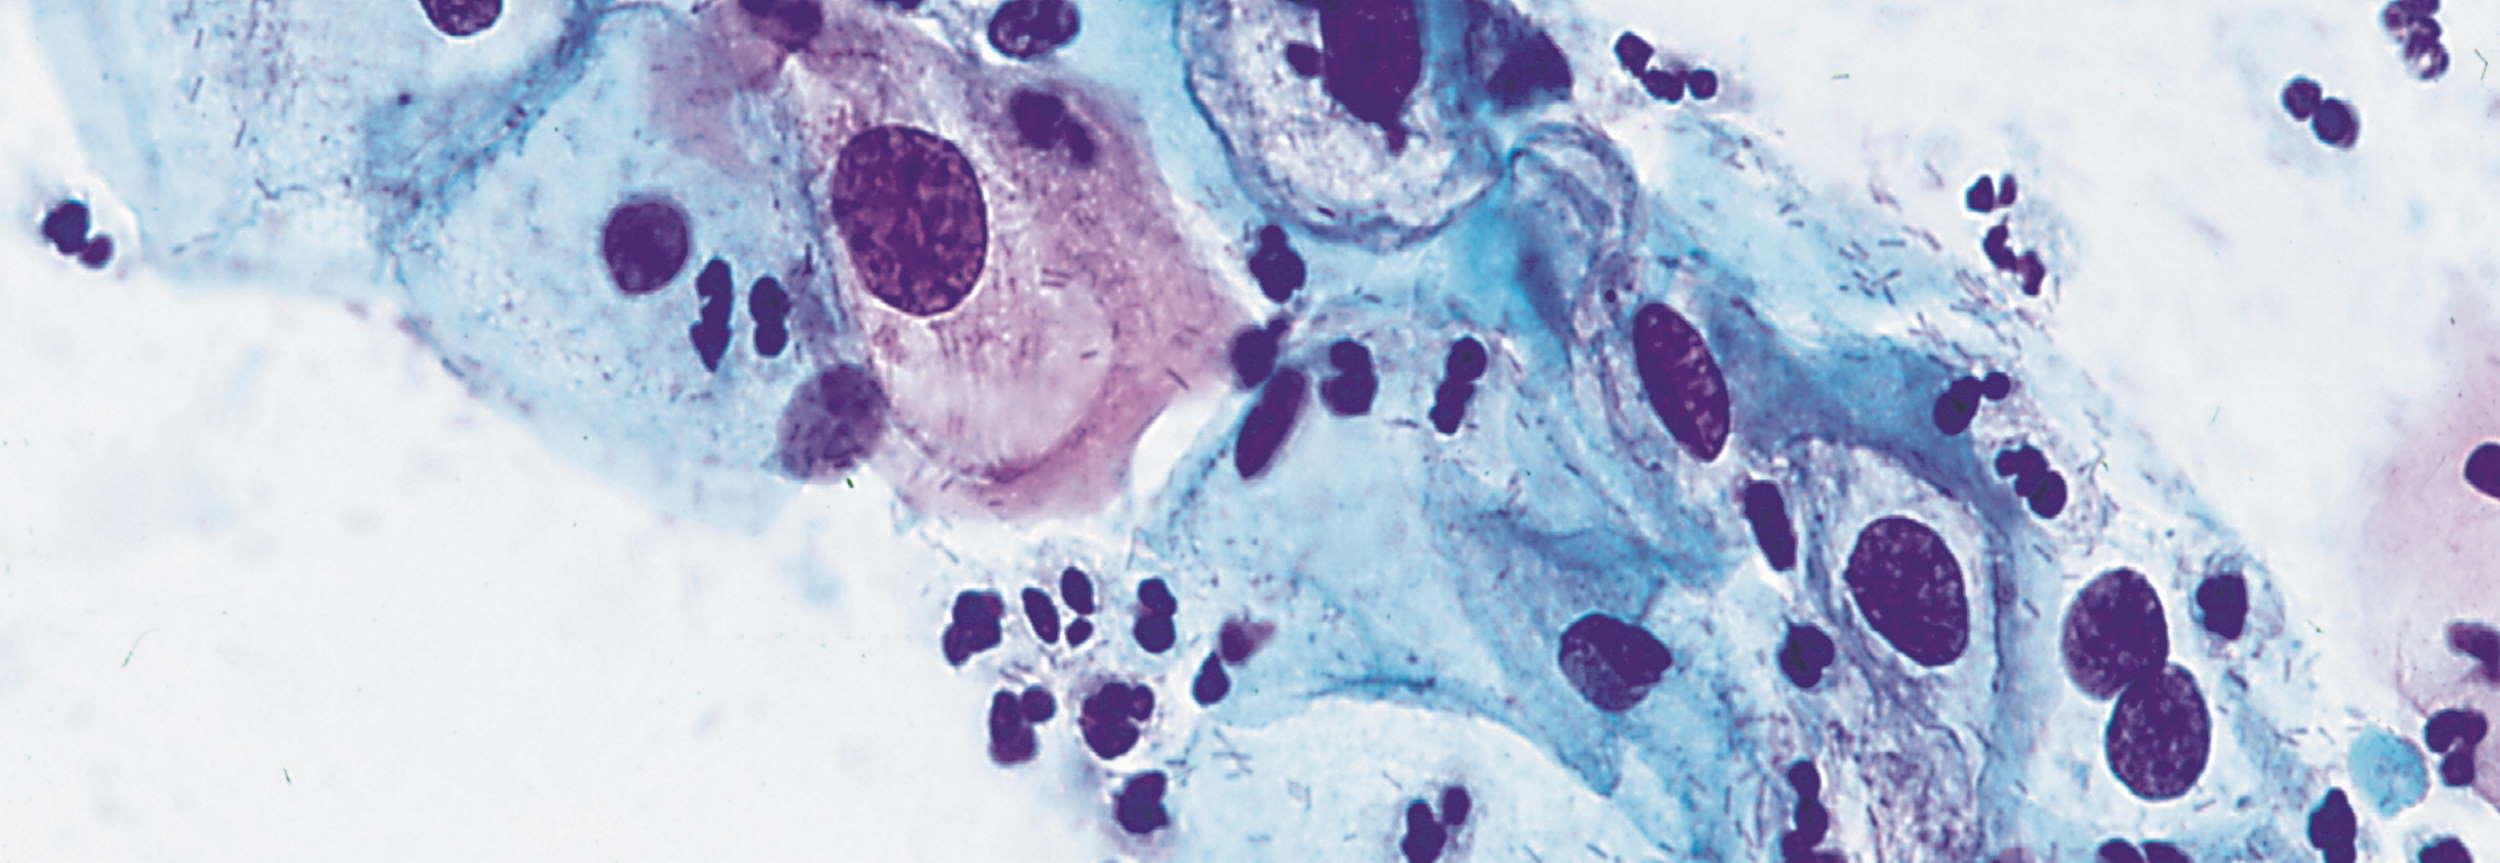 Zytologie